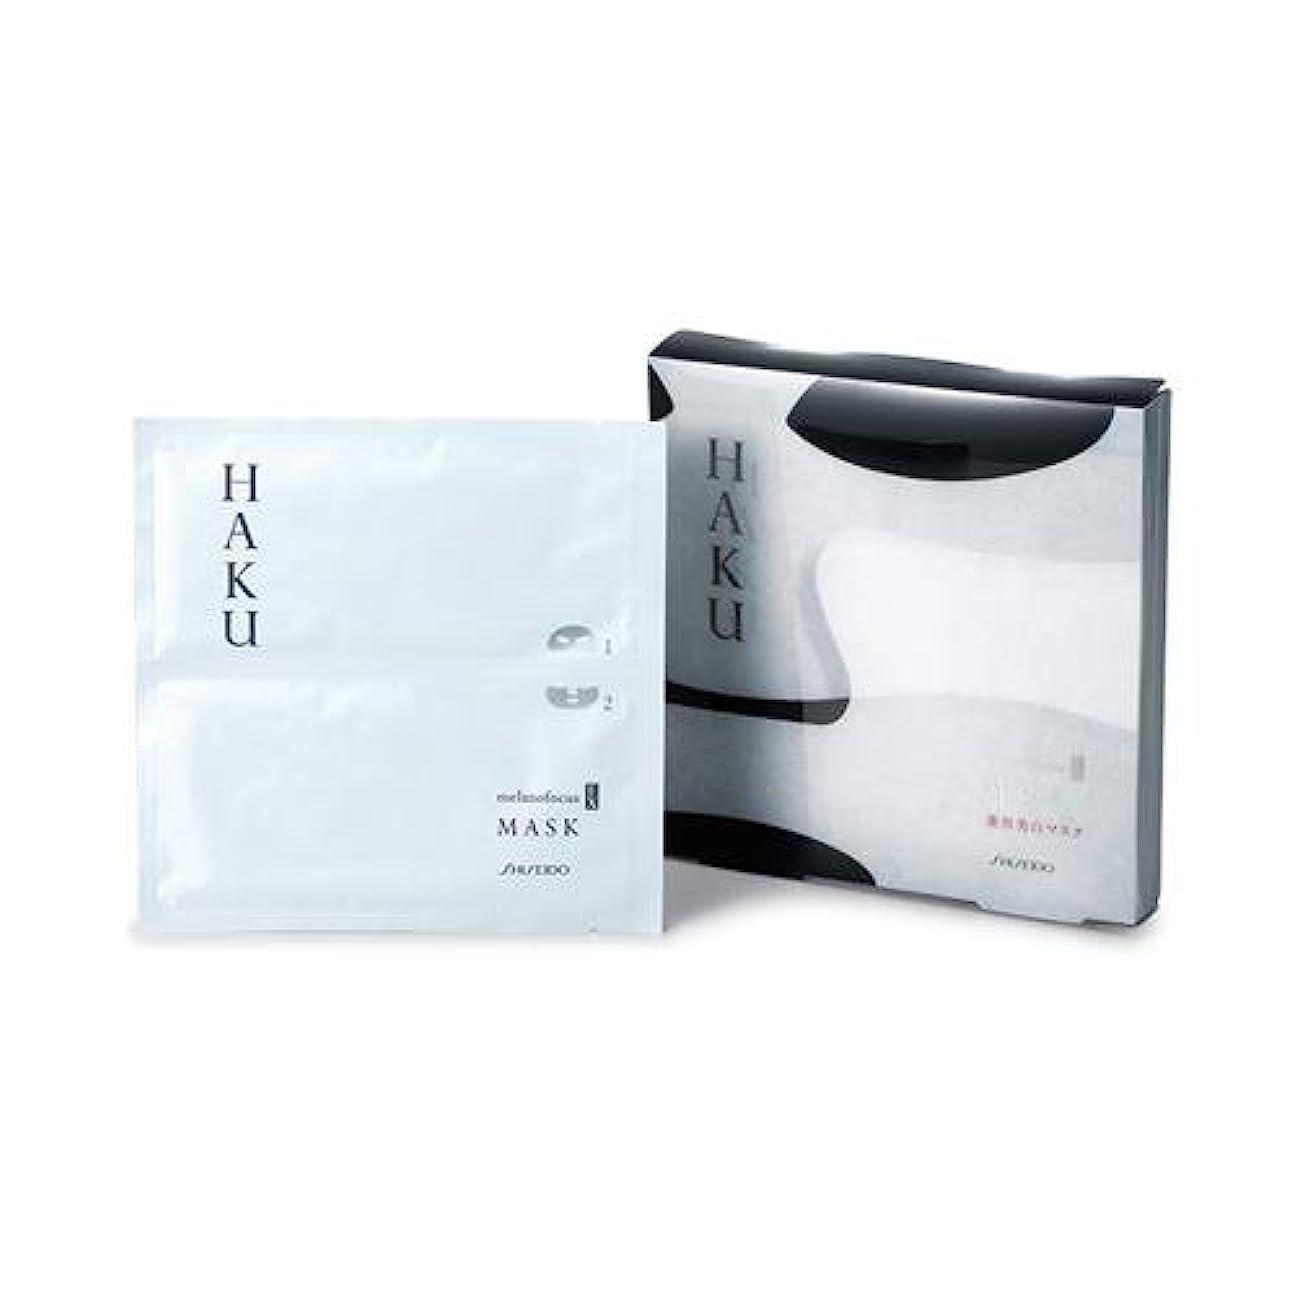 スペース拡声器個人資生堂 HAKU メラノフォーカスEXマスク 30ml*6包入